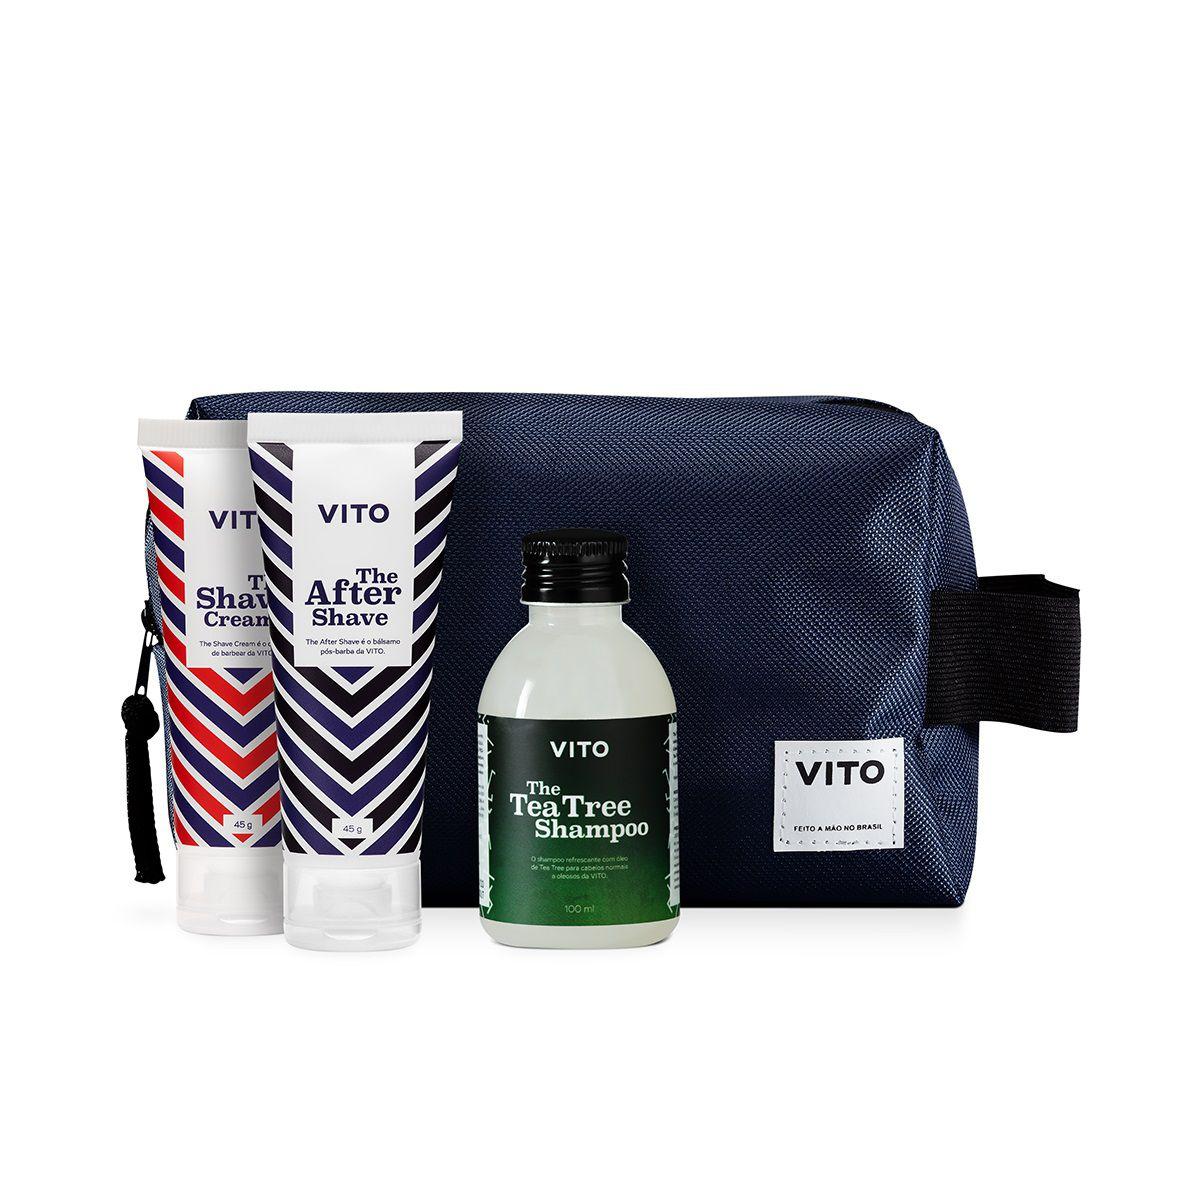 Kit - Combo Viagem Com Necessaire, Shampoo, Shave e Pós-Barba - Vito